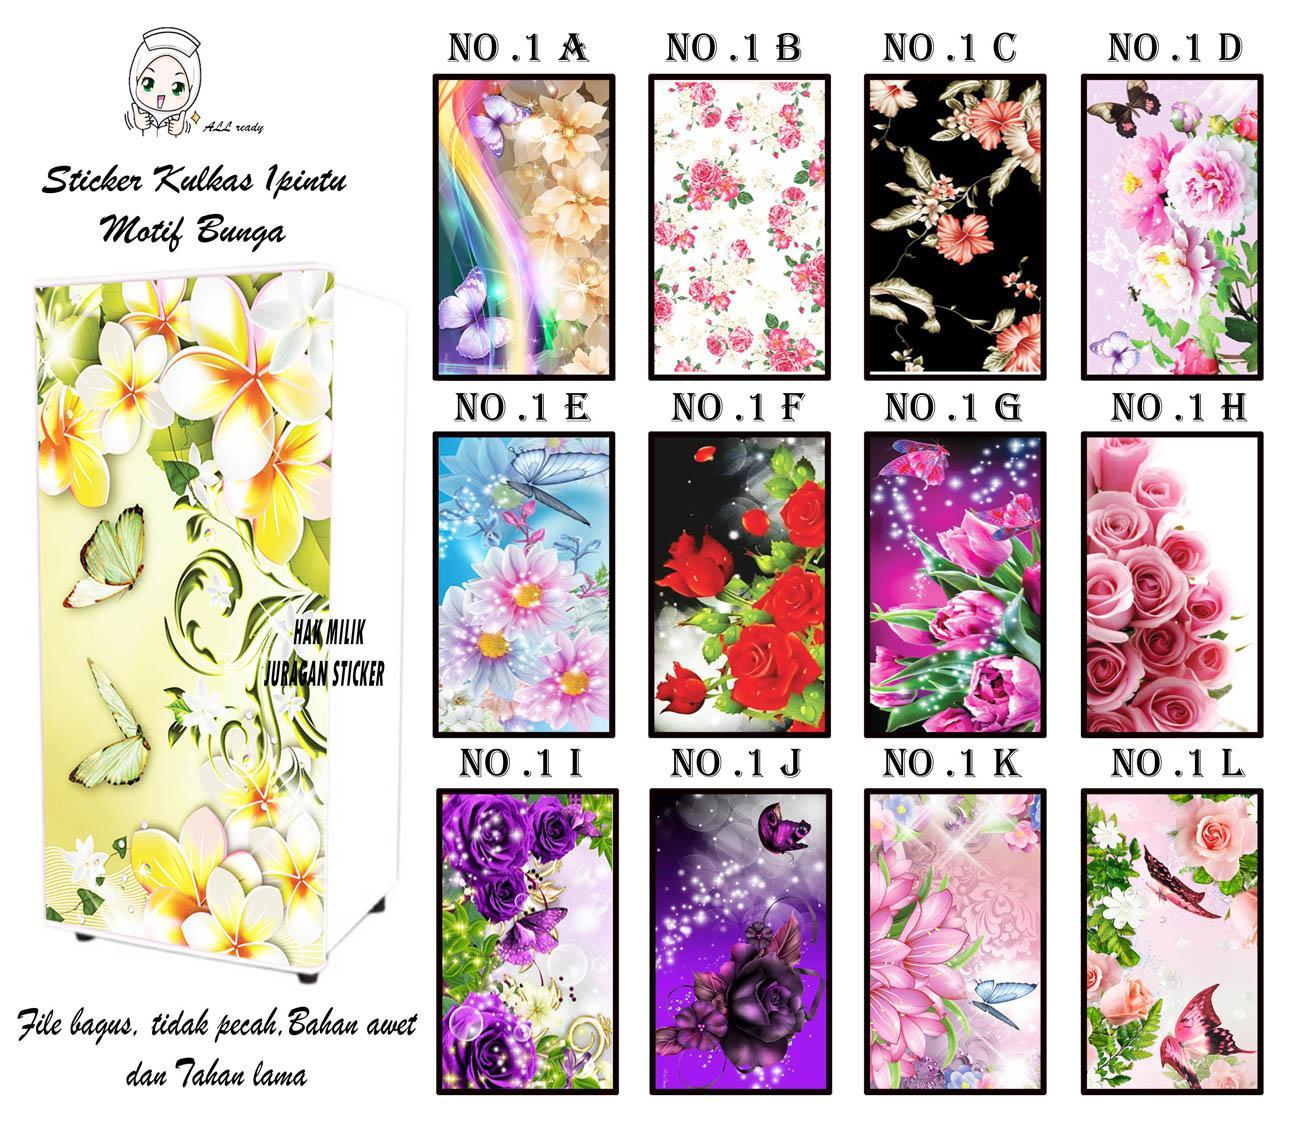 sticker kulkas indoor bunga A